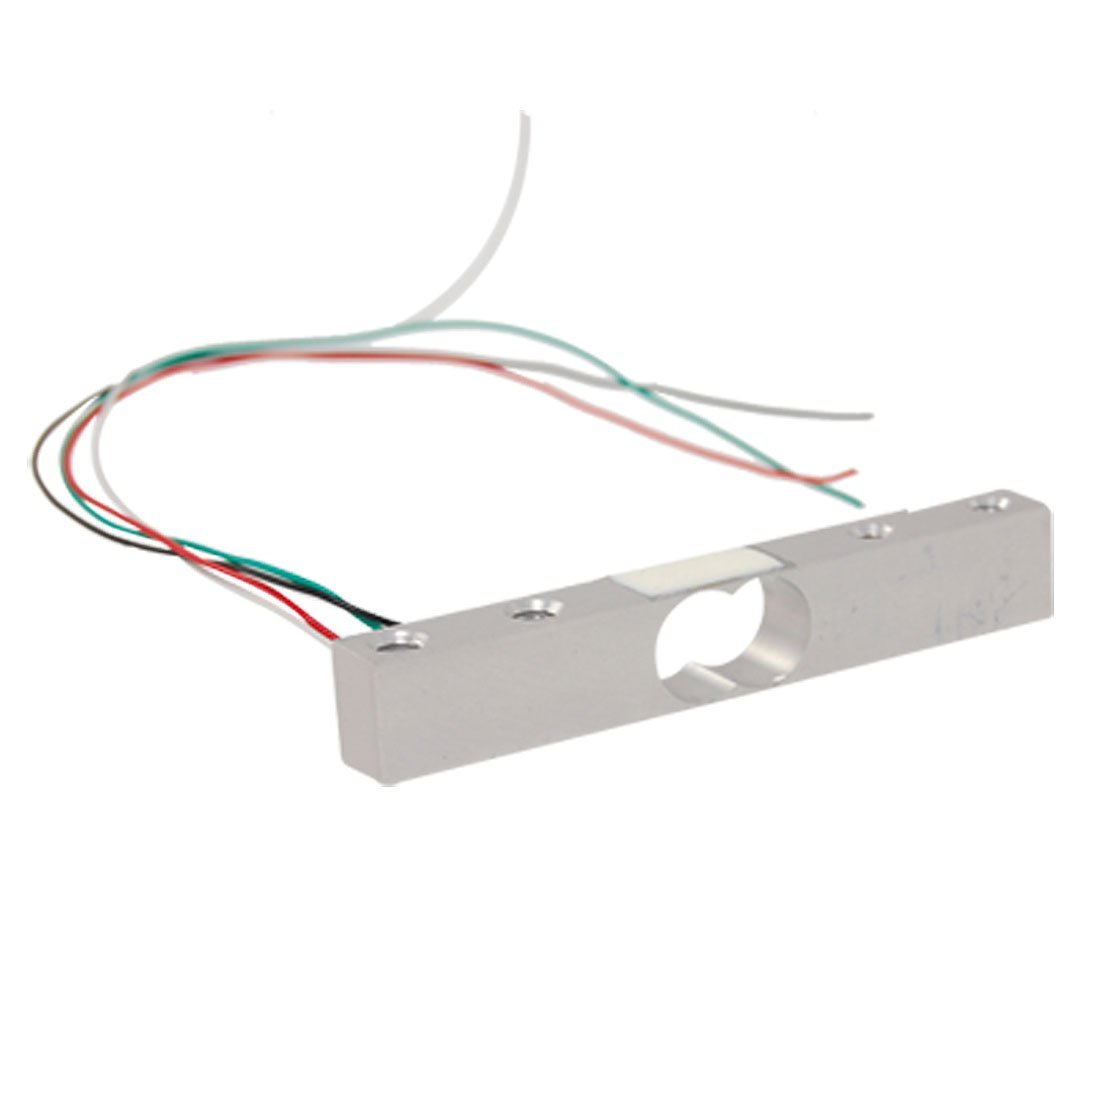 Cikuso Electronic Balance Weighing Load Cell Sensor 0-5Kg